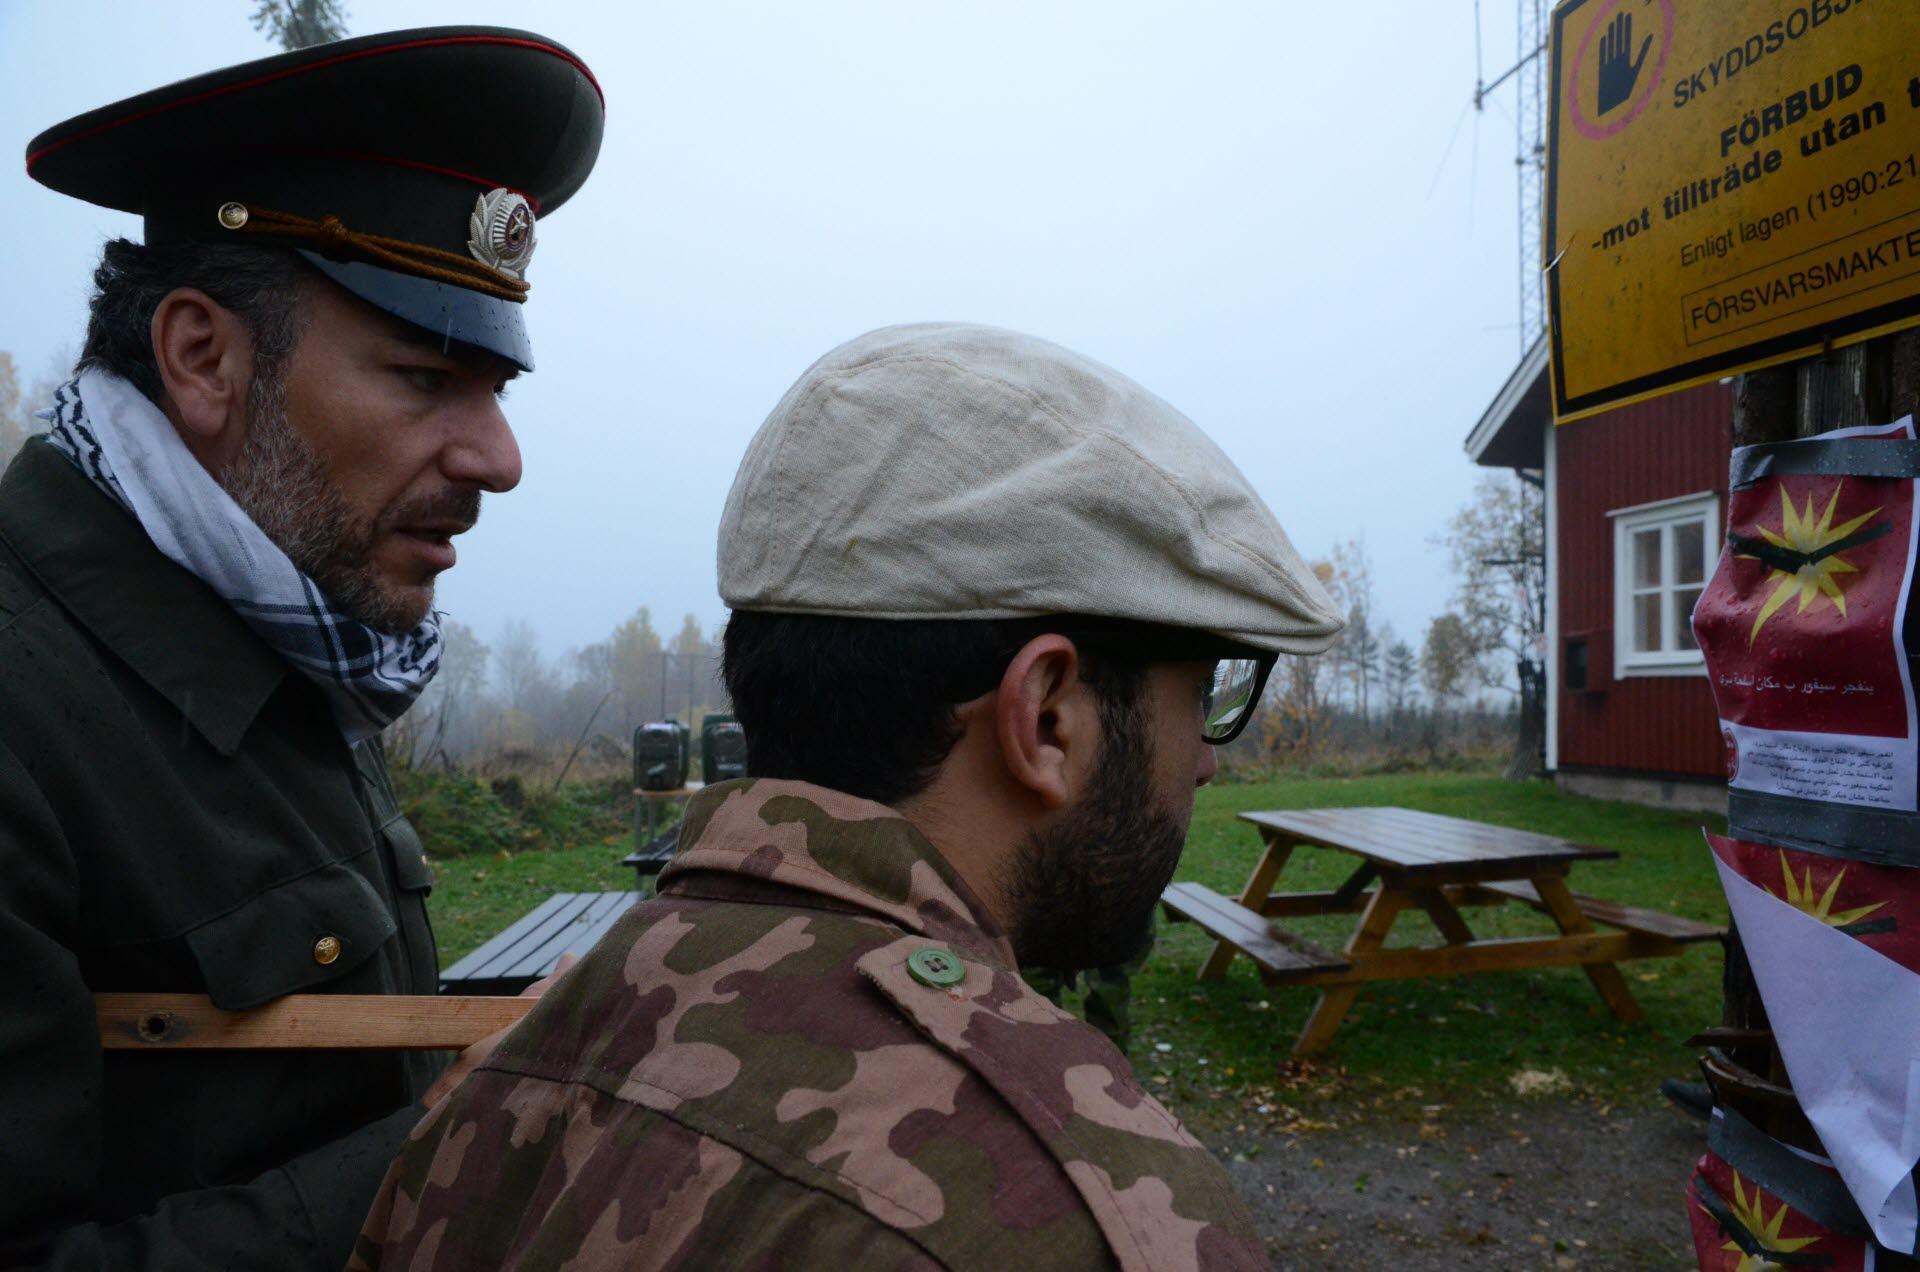 Forsvaret granskar hoga officerare